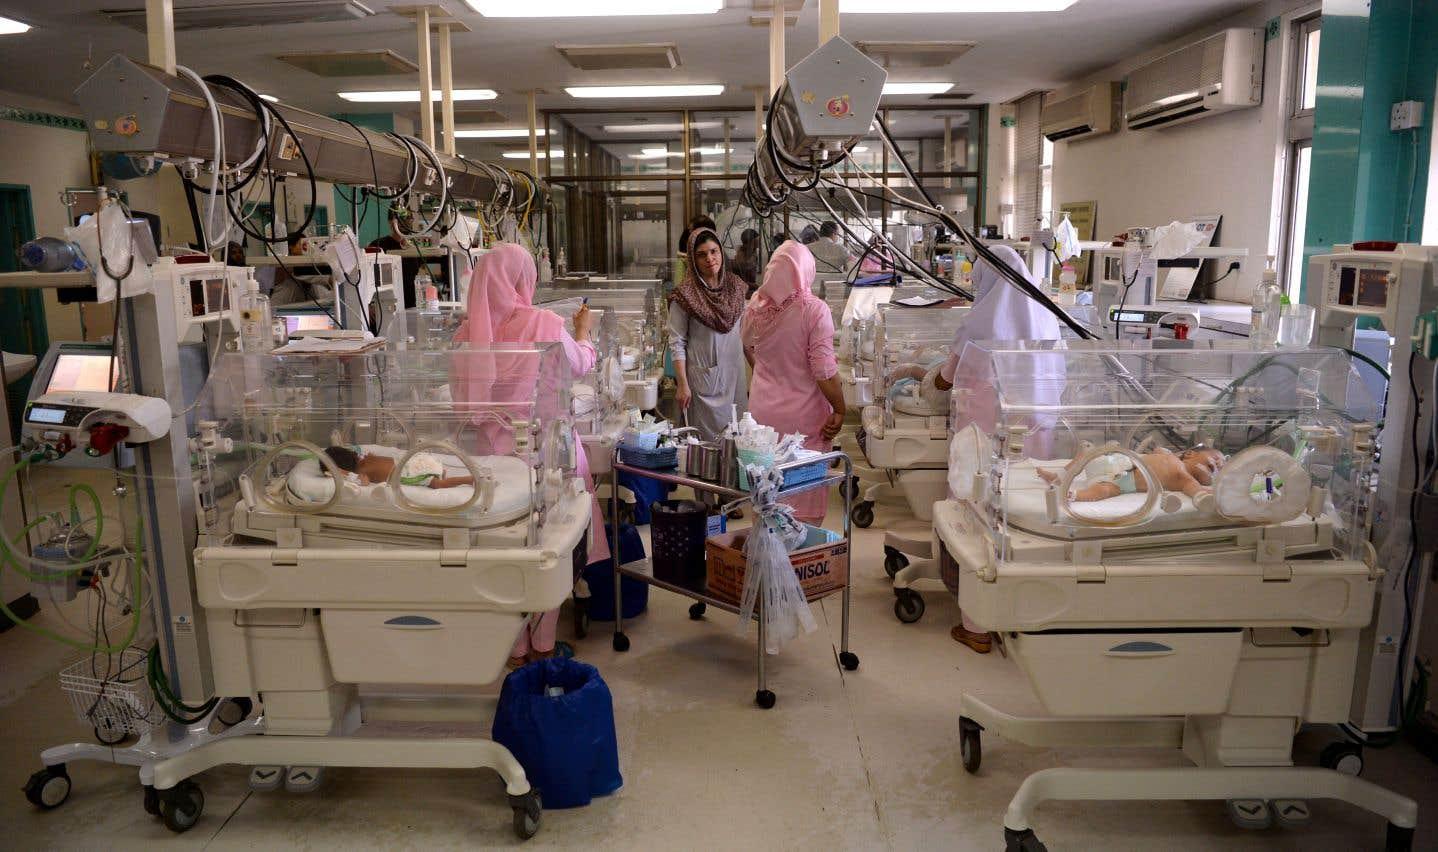 Le Pakistan, au système de santé sinistré, est le pays où les enfants meurent le plus durant leur premier mois.